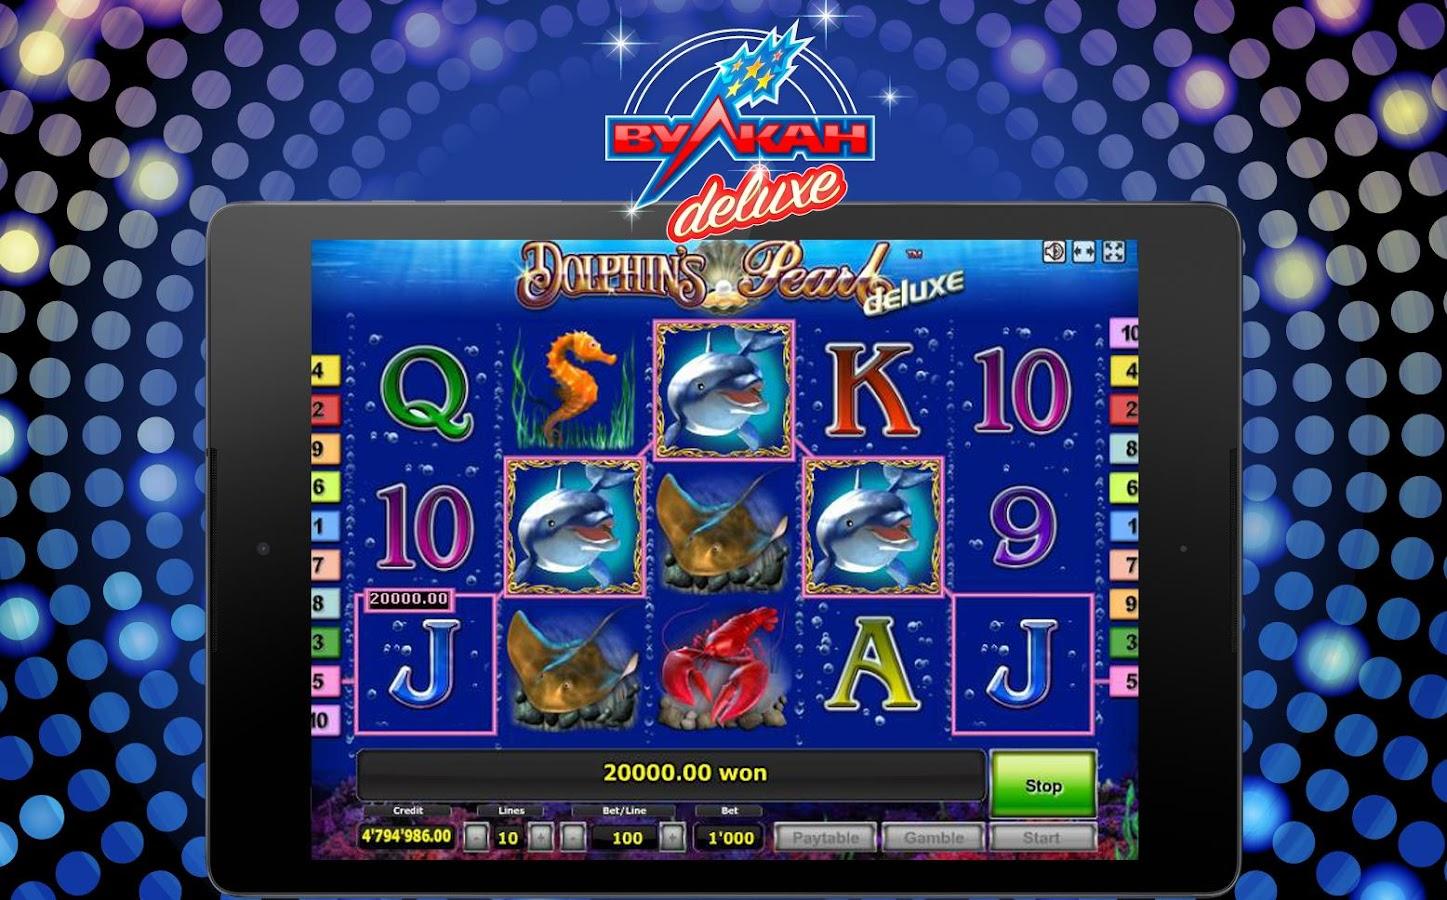 казино вулкан делюкс игровые автоматы